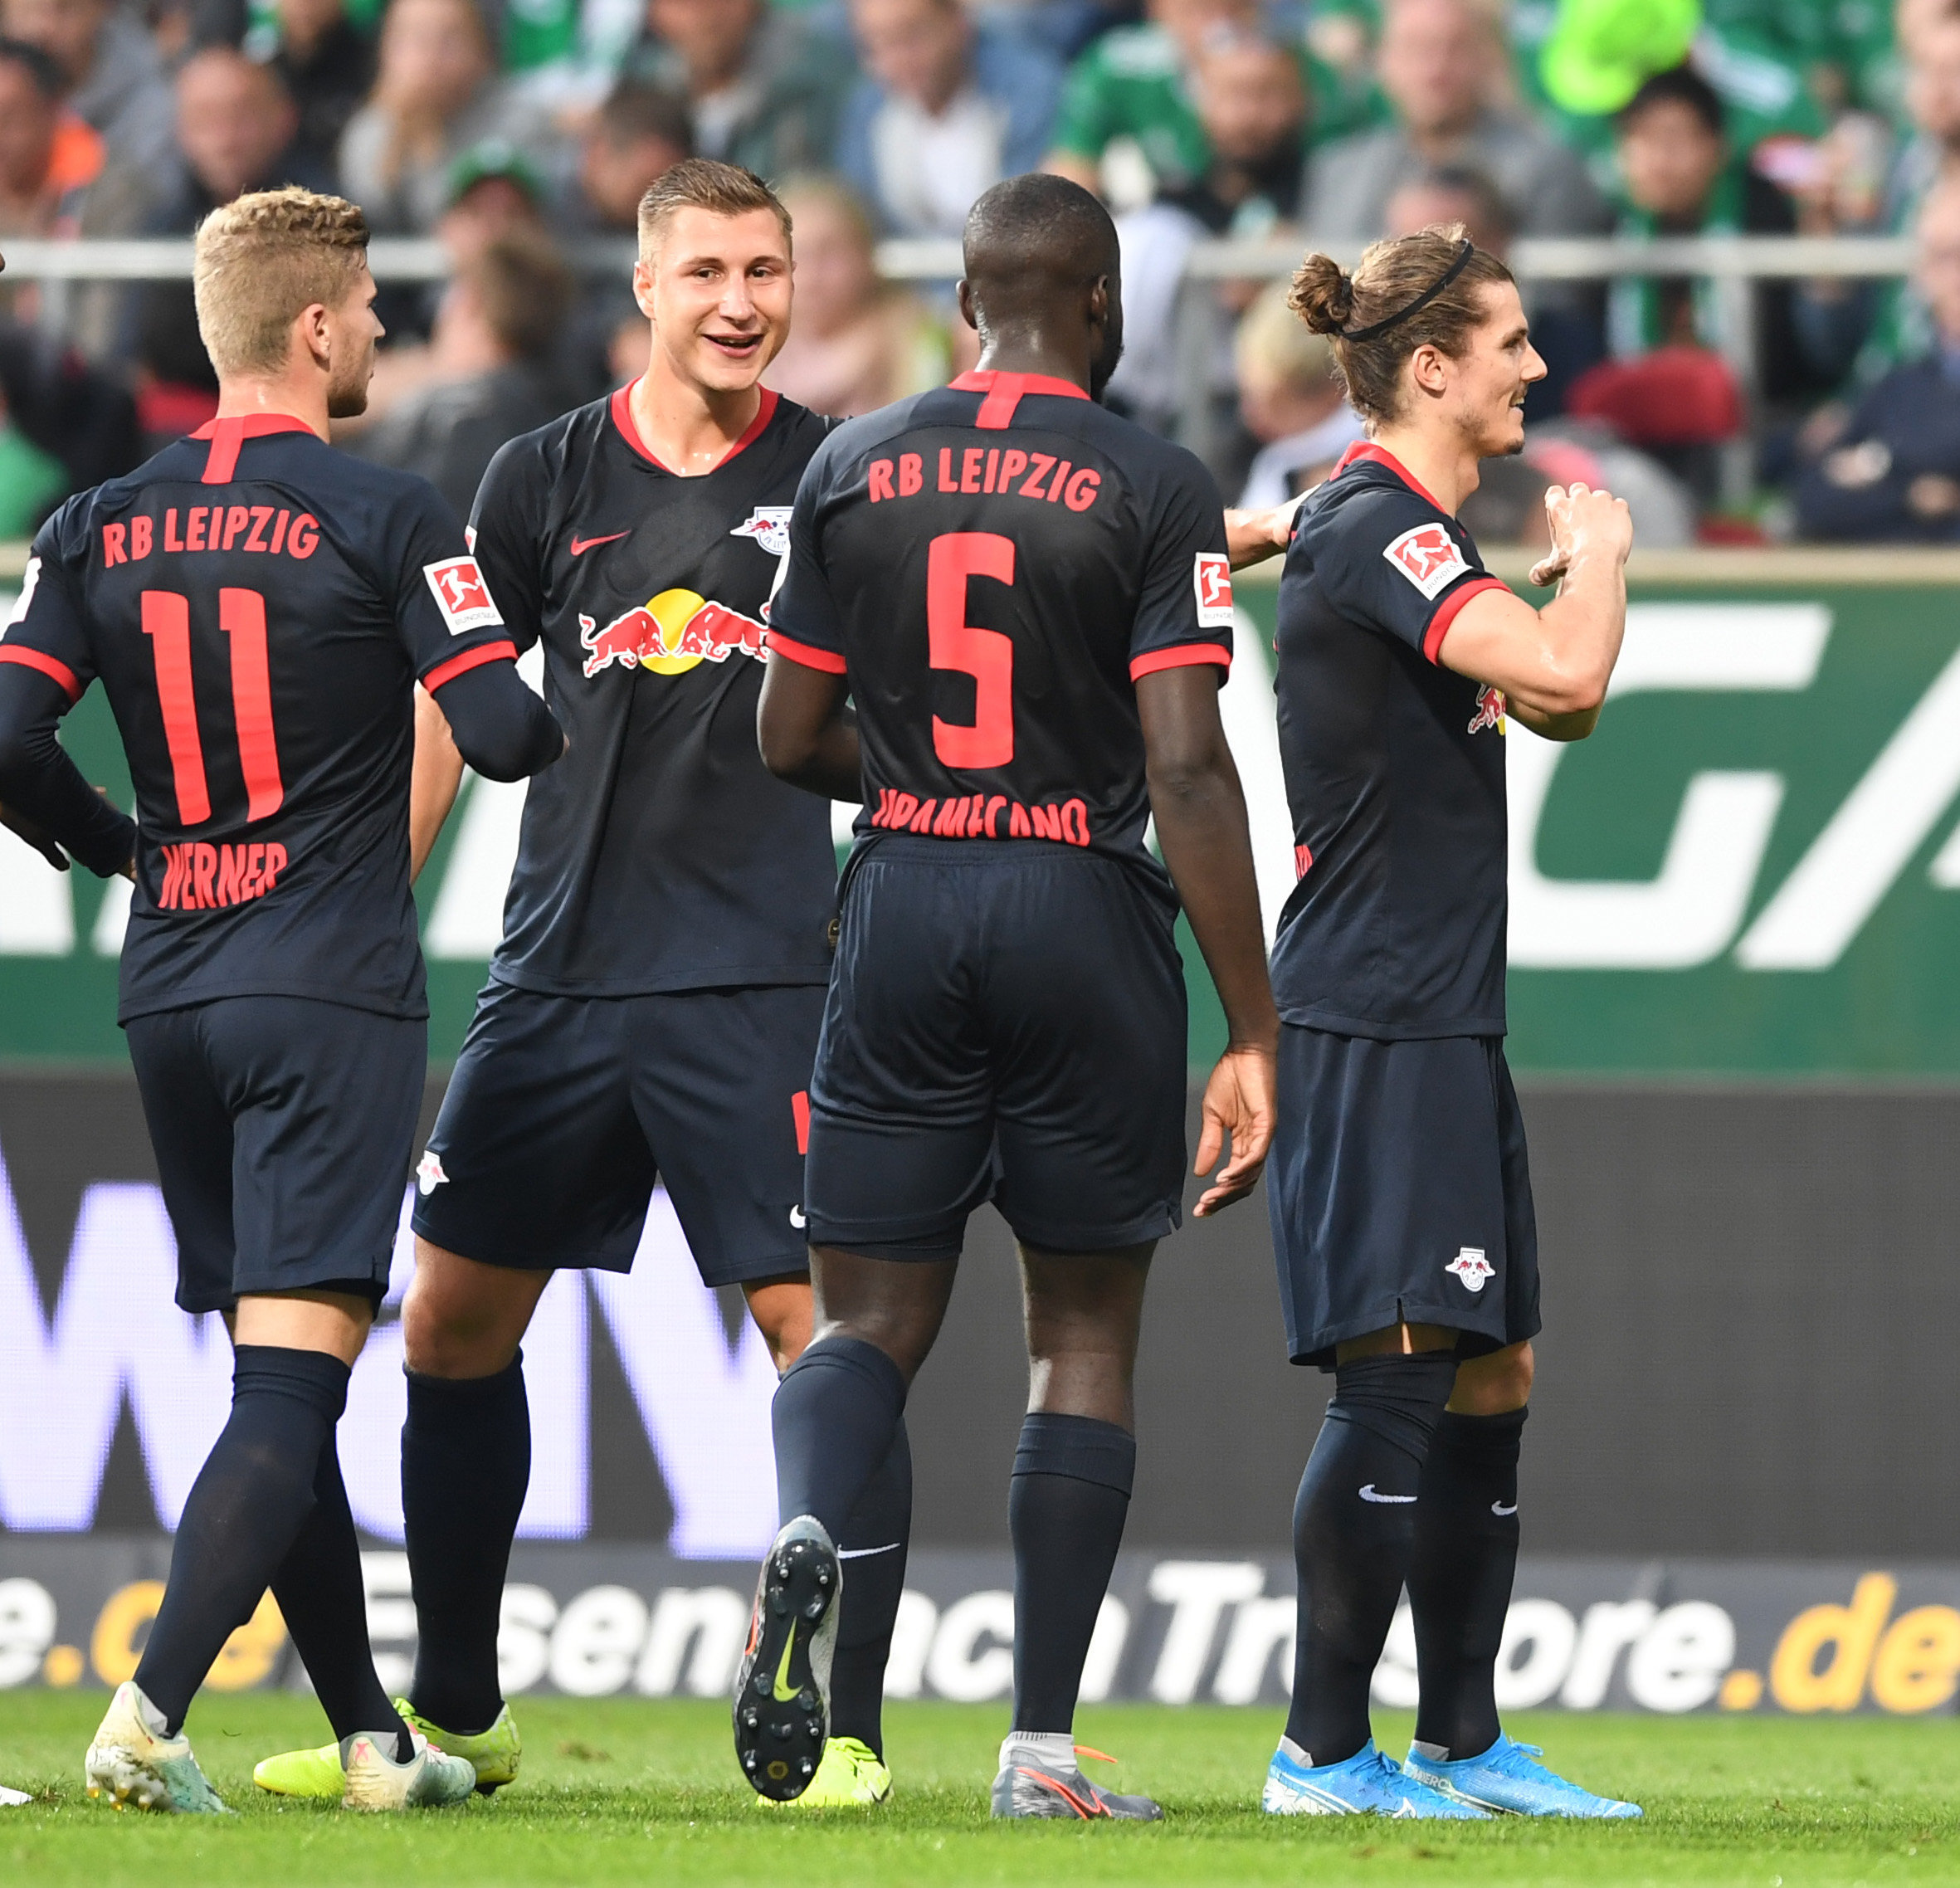 Immer eng am Mann: Dayot Upamecano (Mi.) von RB Leipzig, hier gegen Bayerns Robert Lewandowski. Die Münchner sollen sich für den Innenverteidiger interessieren.